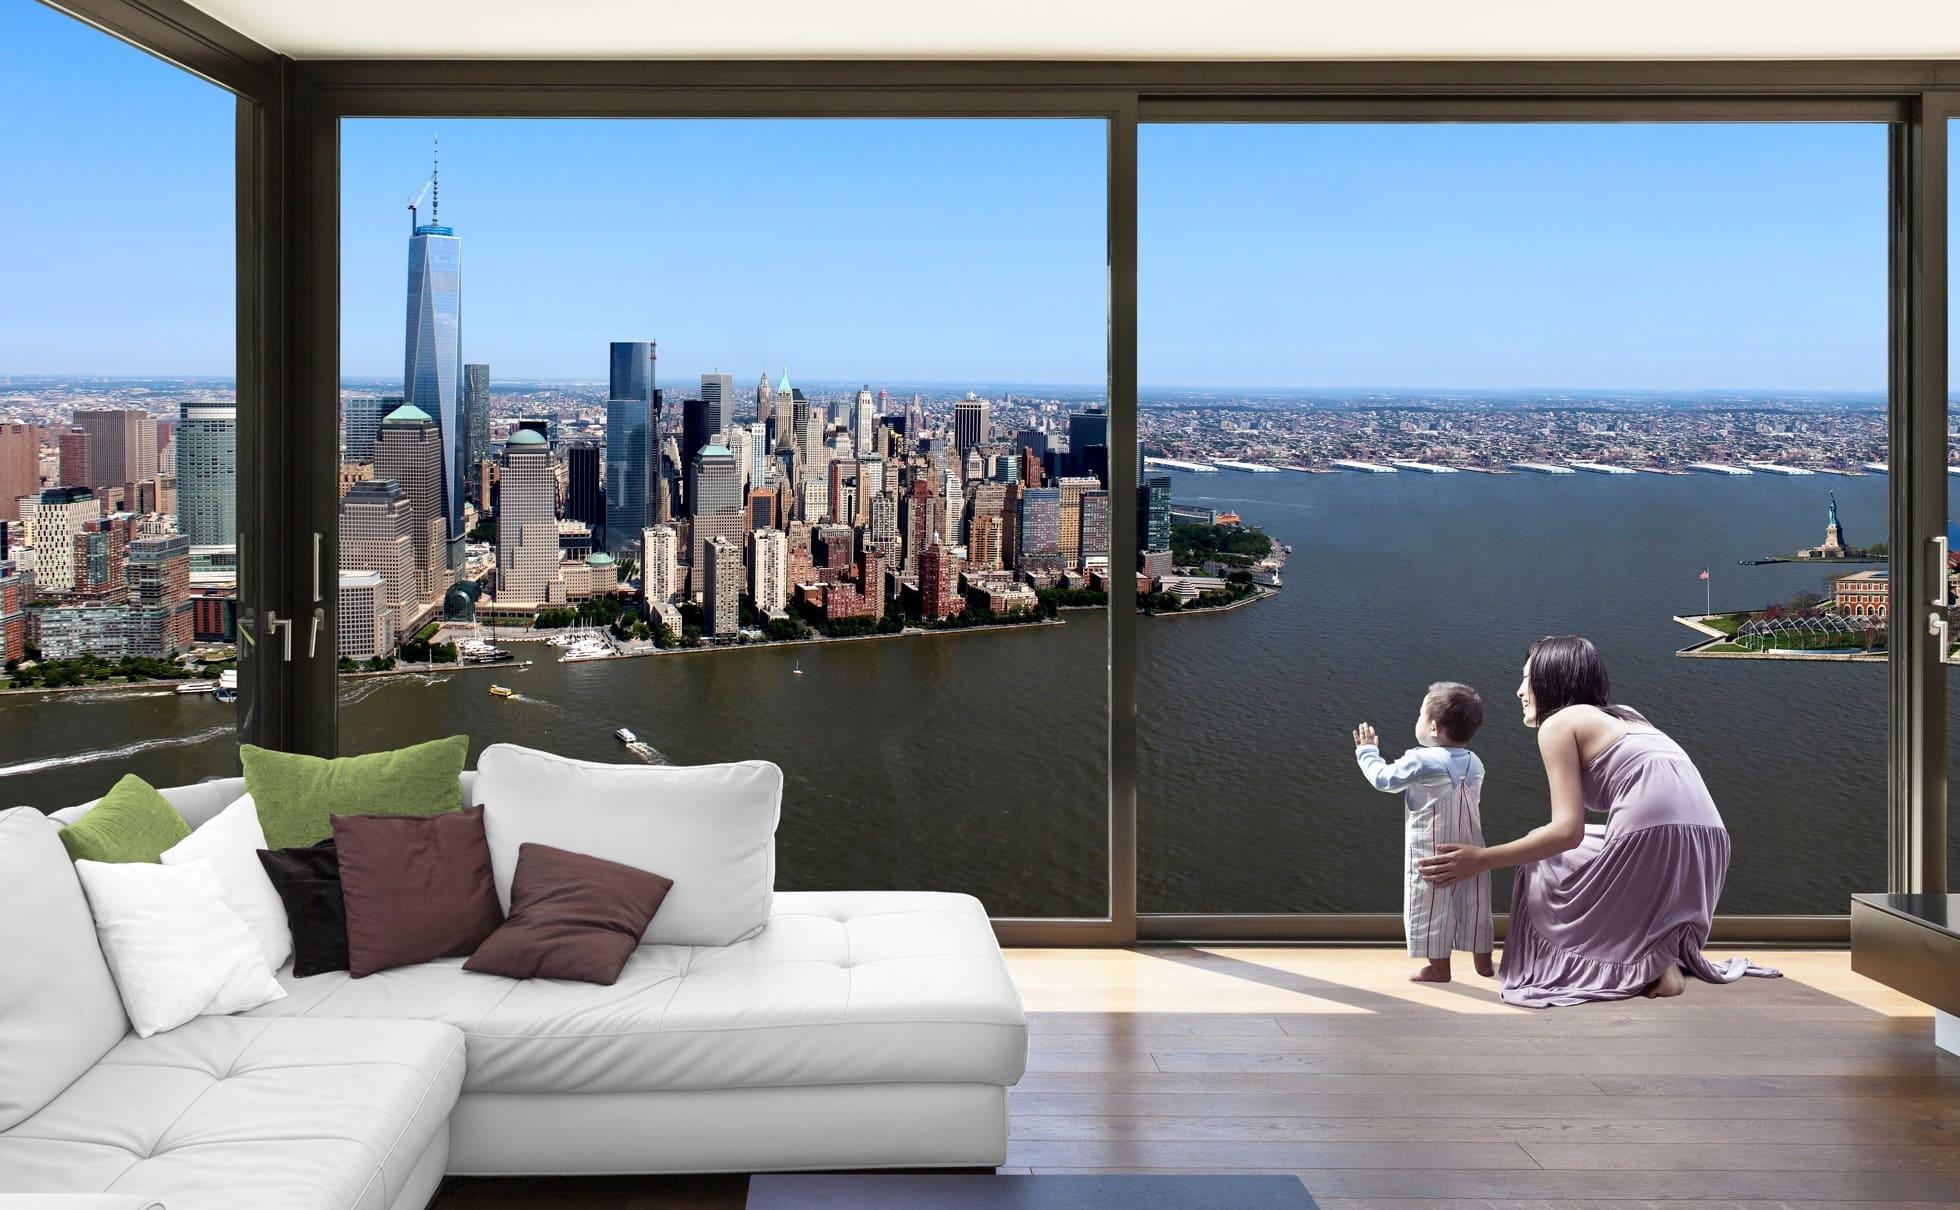 Toạ lạc dọc theo sông Hudson từ thành phố New York trong thành phố Jersey, NJ